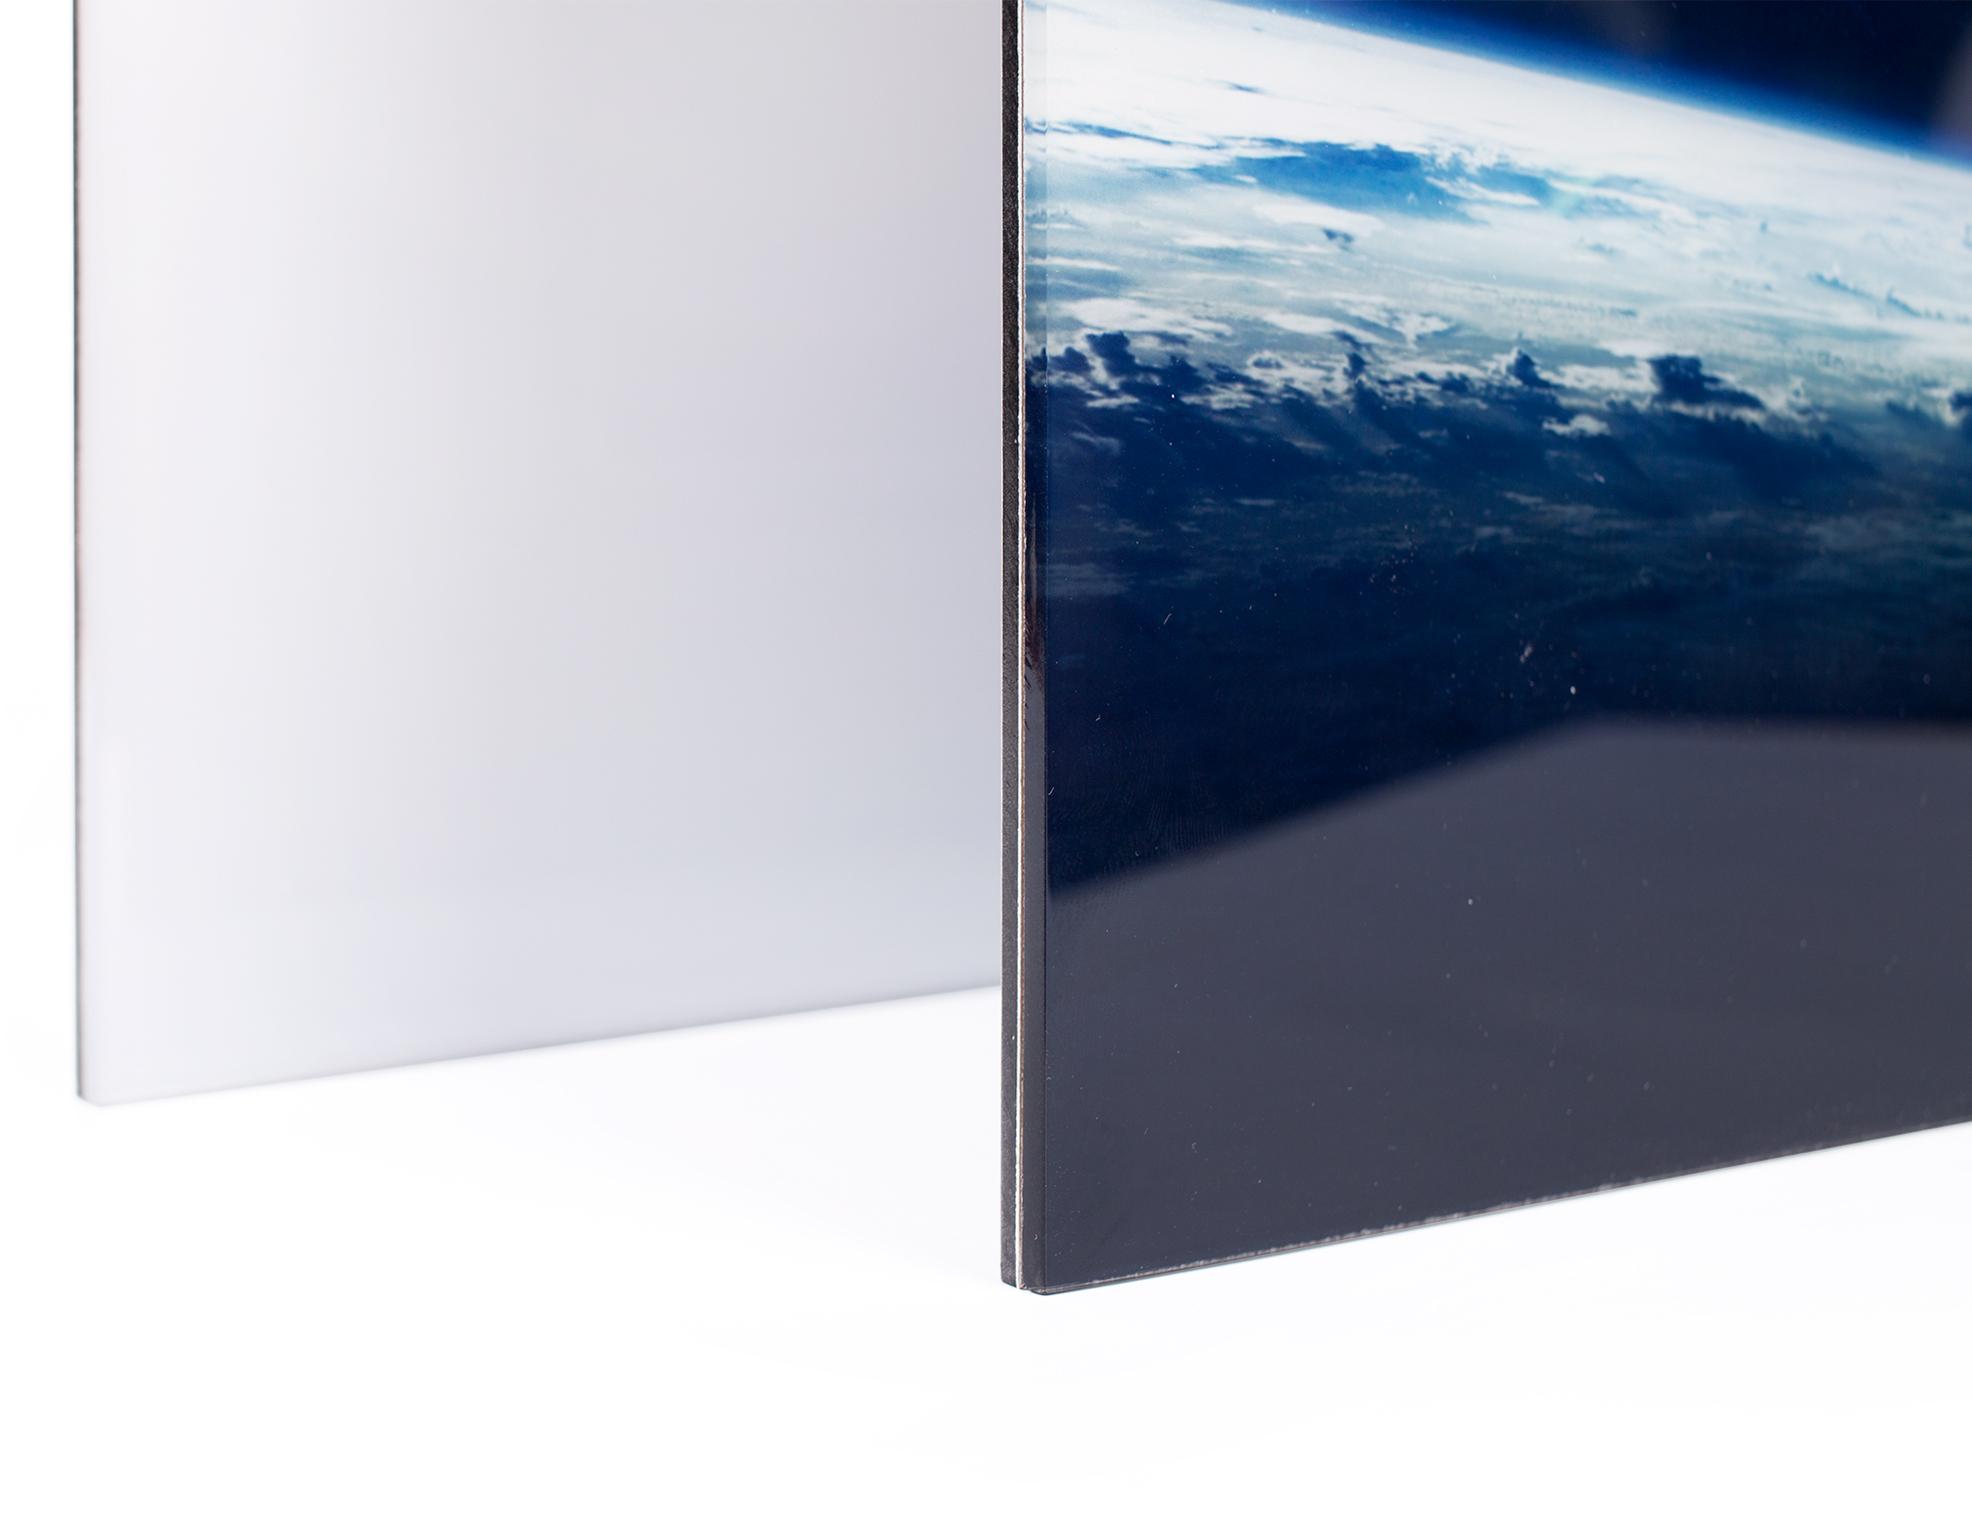 Пластификация фотографий – изготовление на заказ в NetPrint